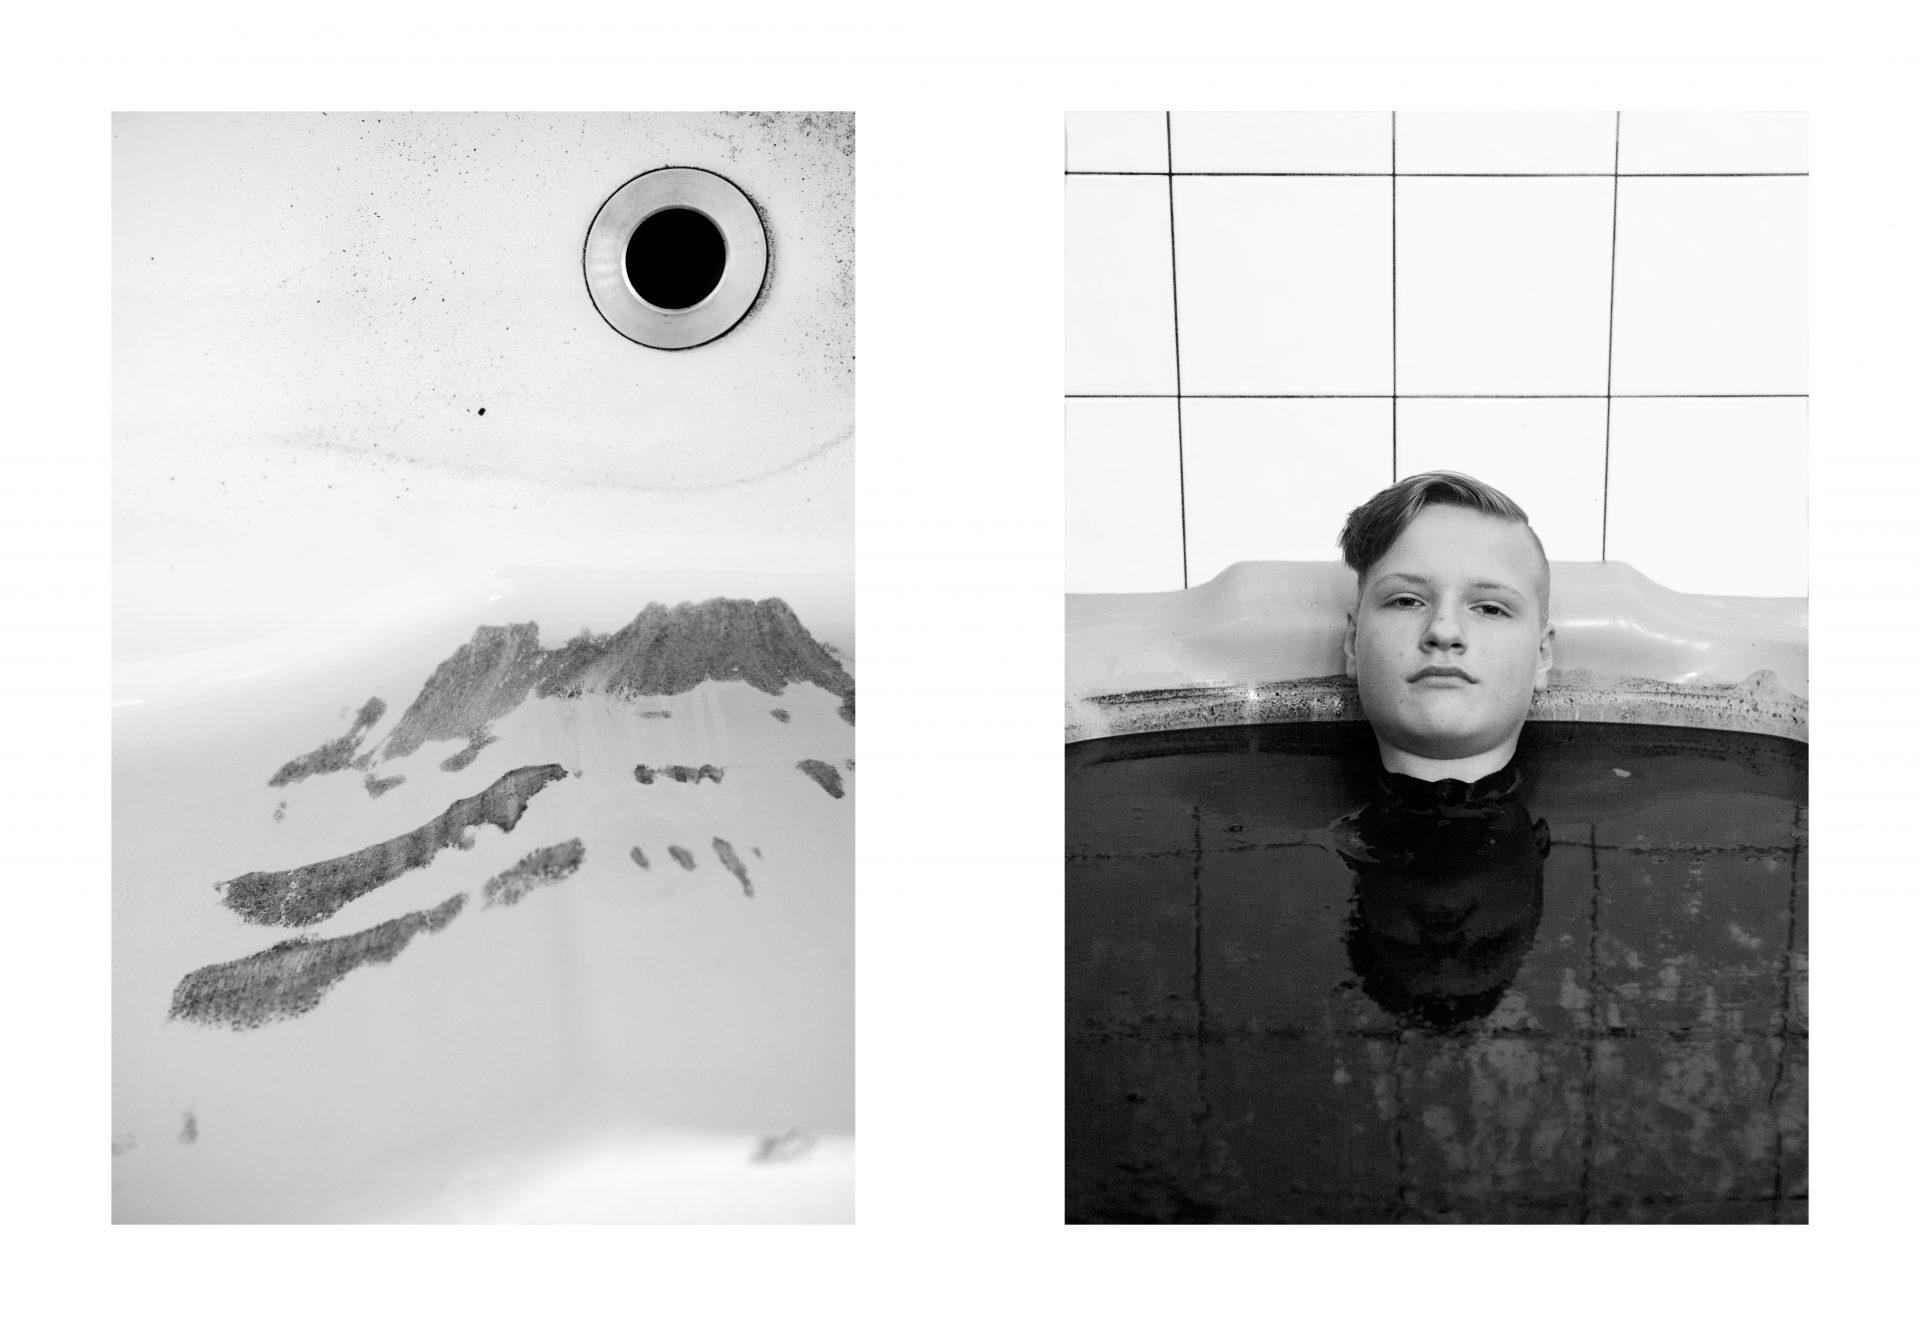 Dark Matter - Schlammbaden in Litauen (Black Matter)